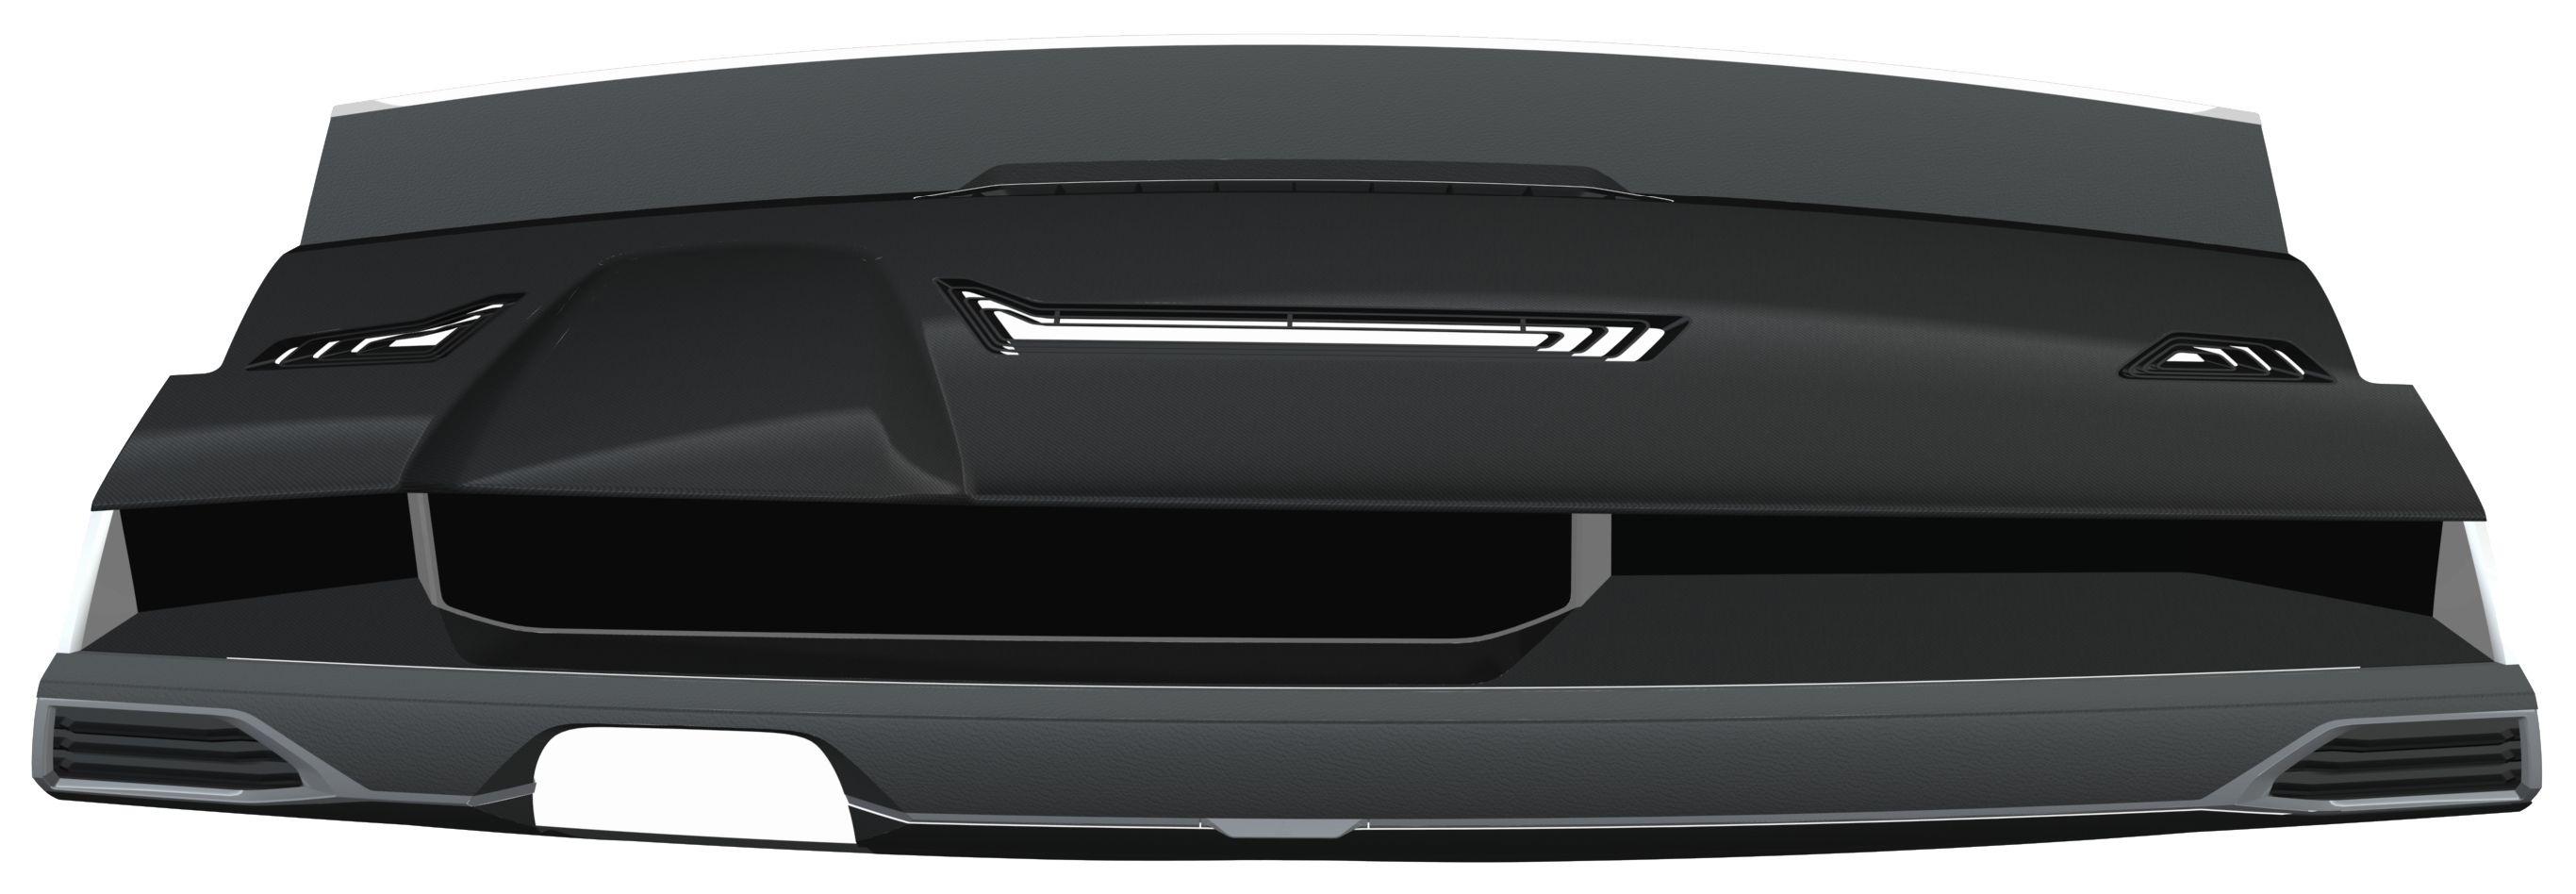 [Présentation] Le design par VW - Page 5 0201610056800701